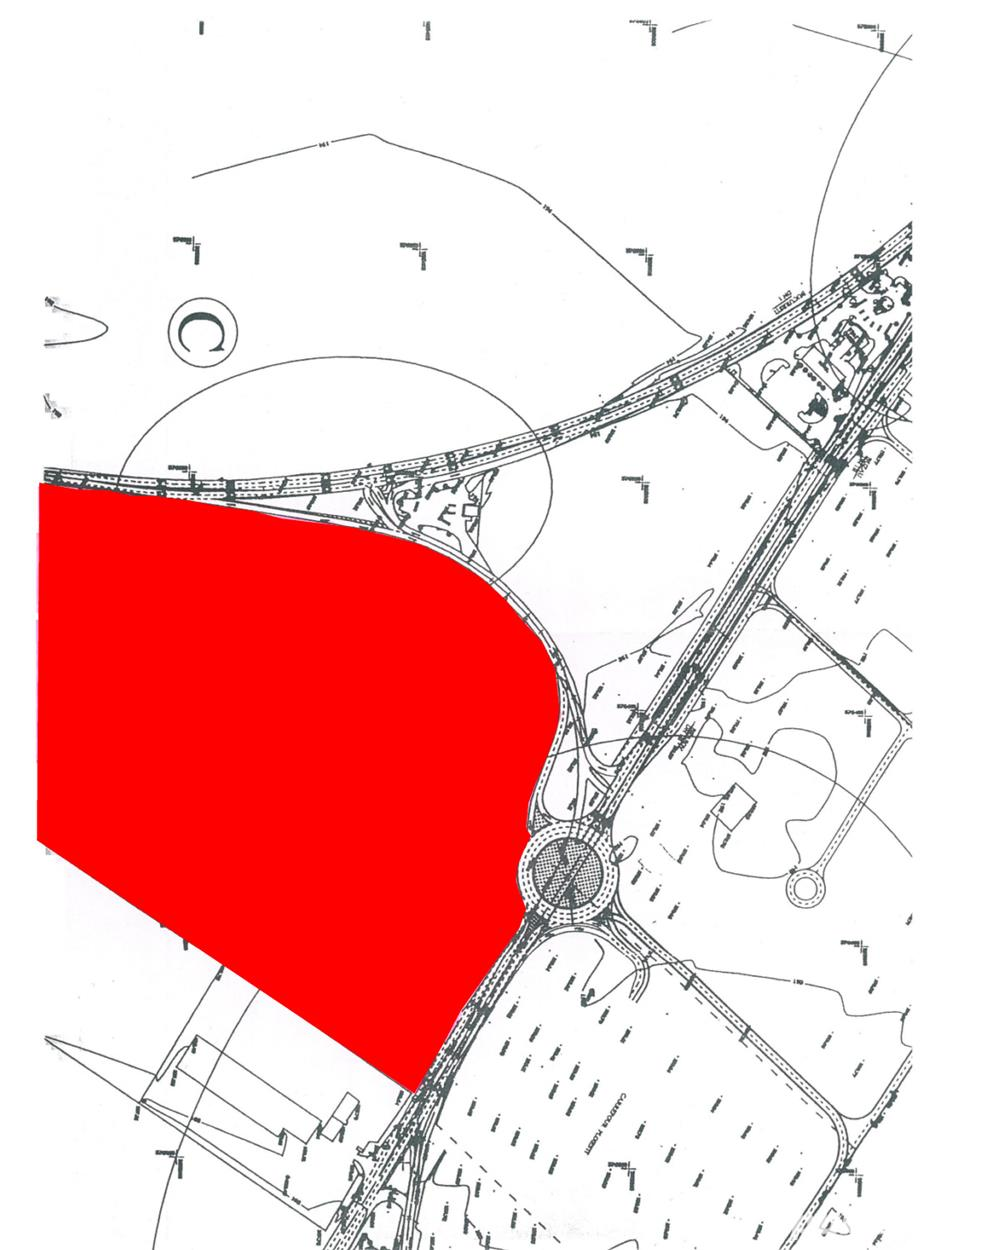 TEREN VANZARE/INCHIRIERE PLOIESTI KM 6  9295m2 / 50 euro m2 neg